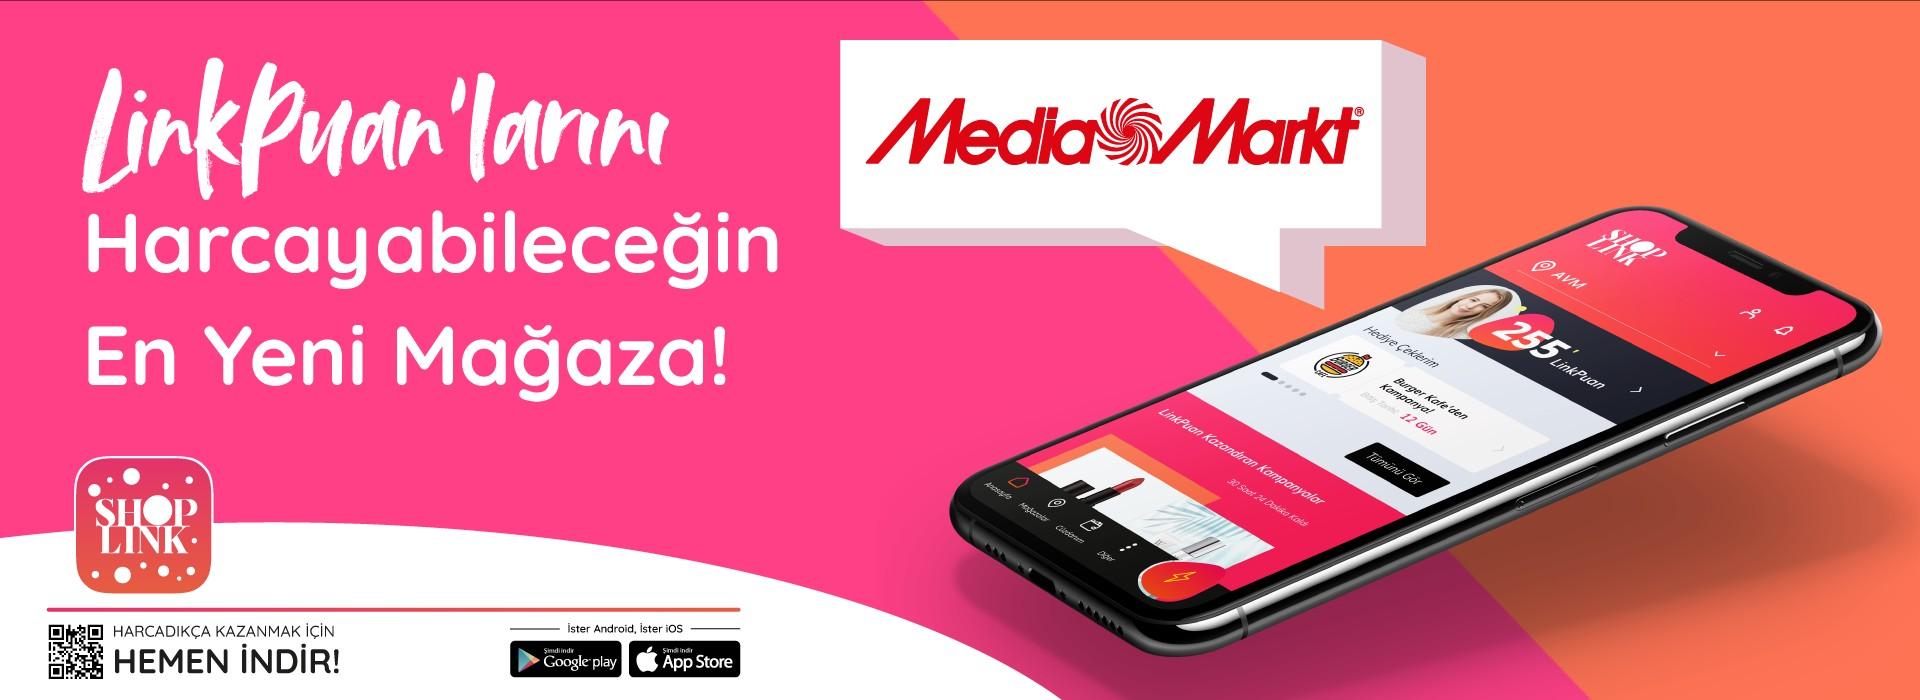 Linkpuanlarını Harcayabileceğin En Yeni Mağaza Media Markt